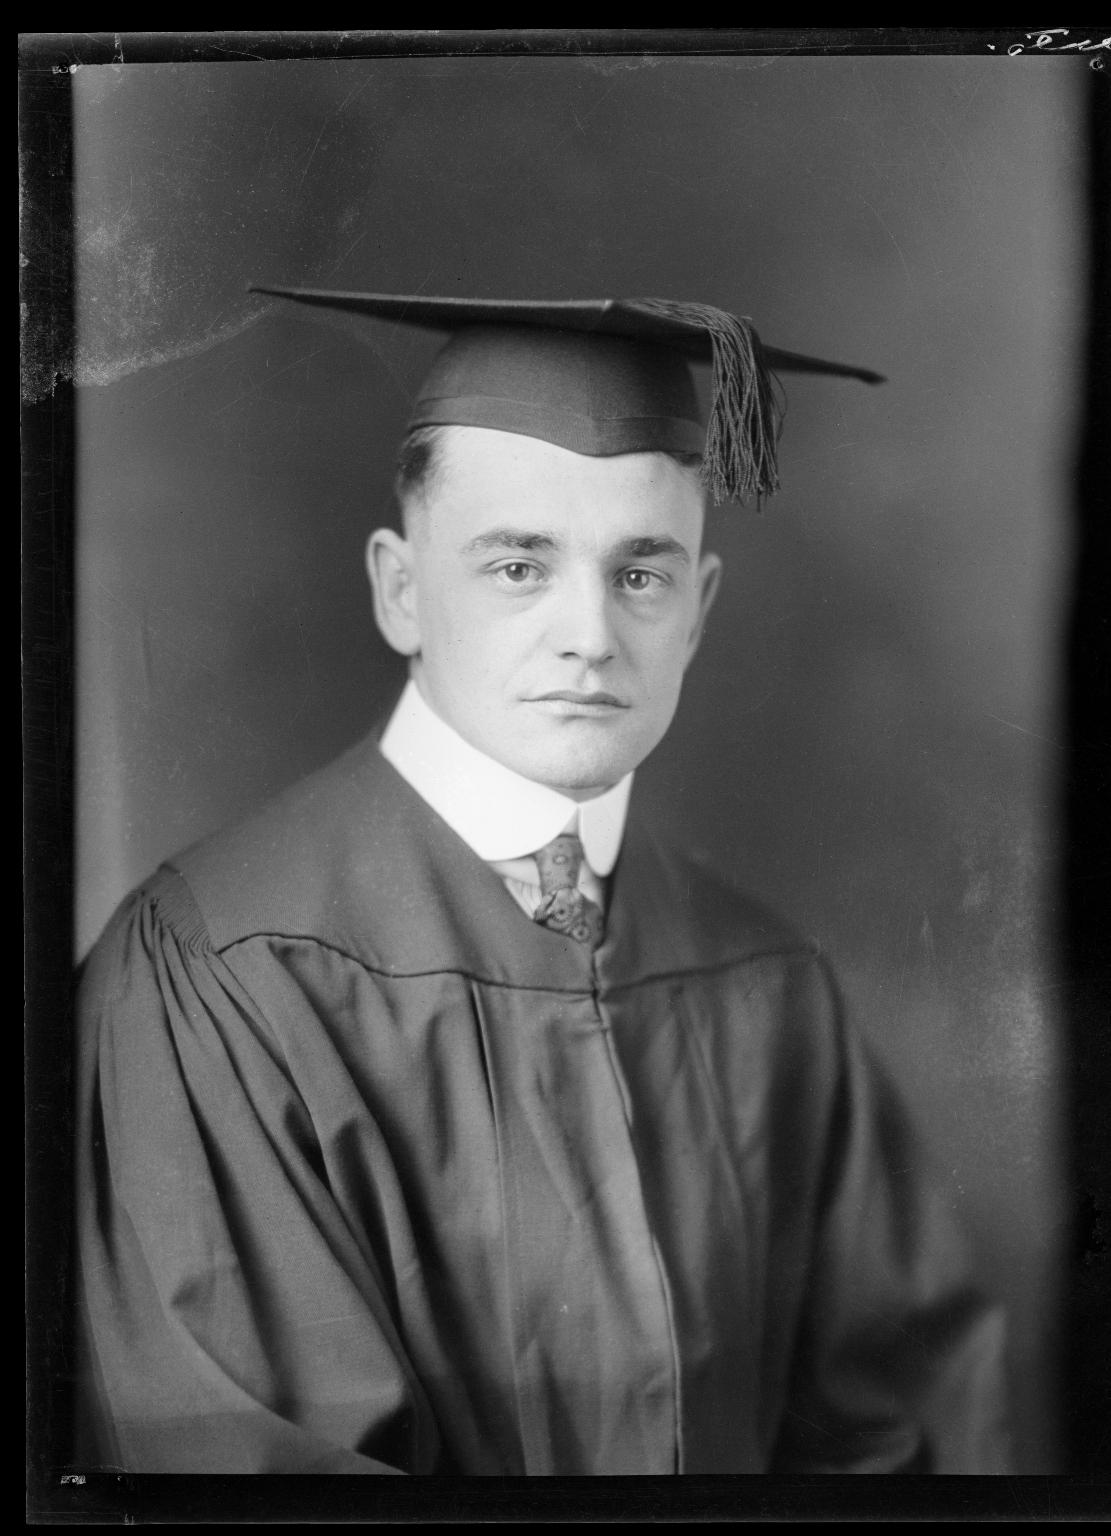 Portraits of C. E. Robinson